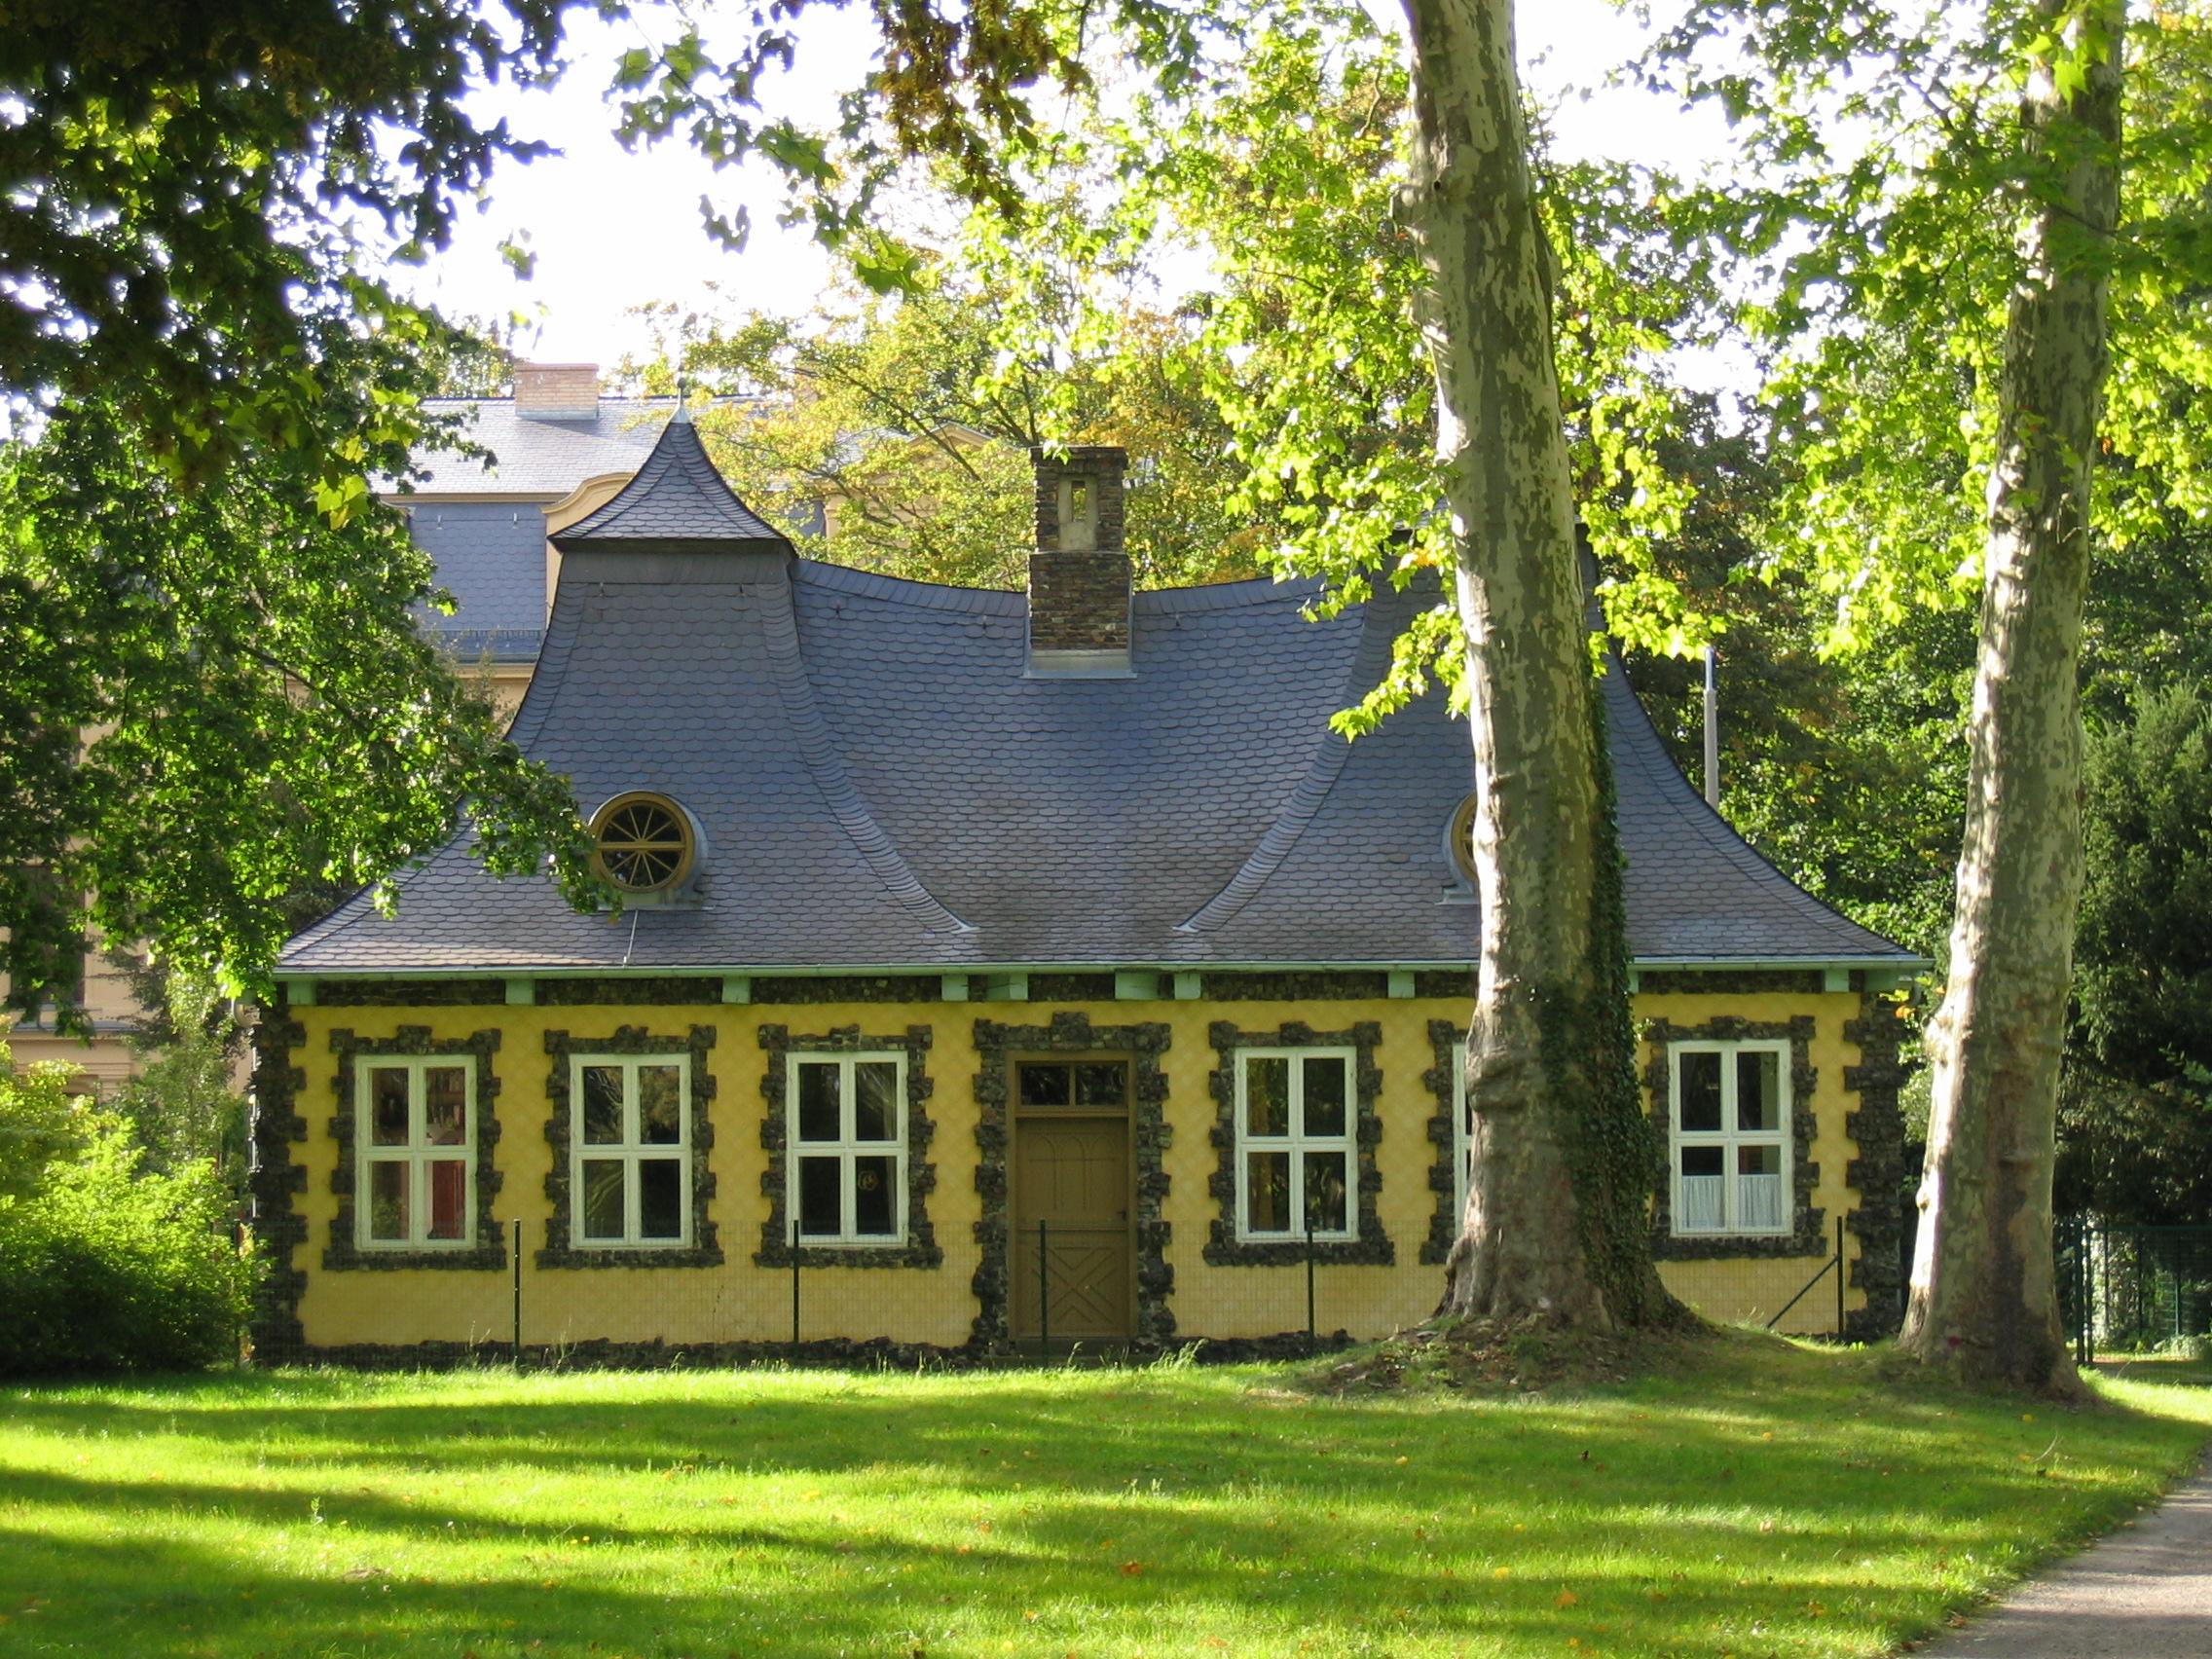 Filepotsdam Neuer Garten Schindelhausjpg Wikimedia Commons